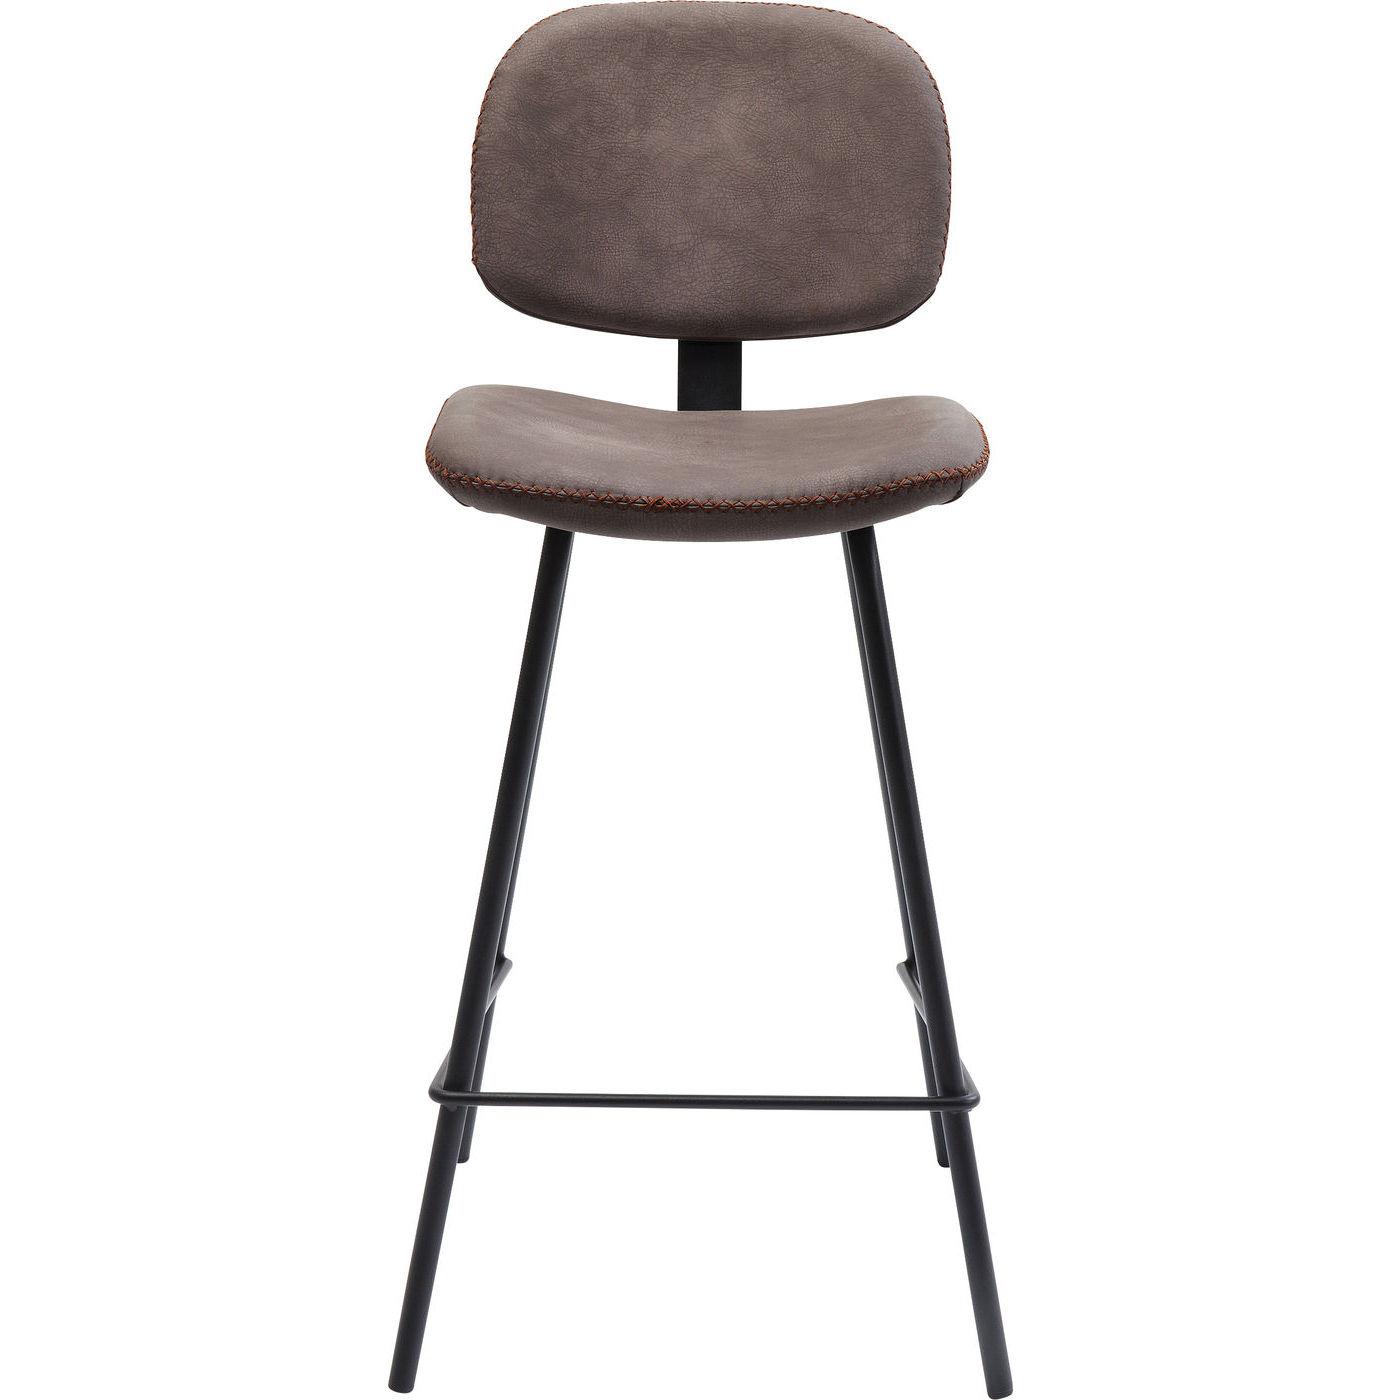 Kare design barber brown barstol - brunt læderlook/stålben fra kare design fra boboonline.dk